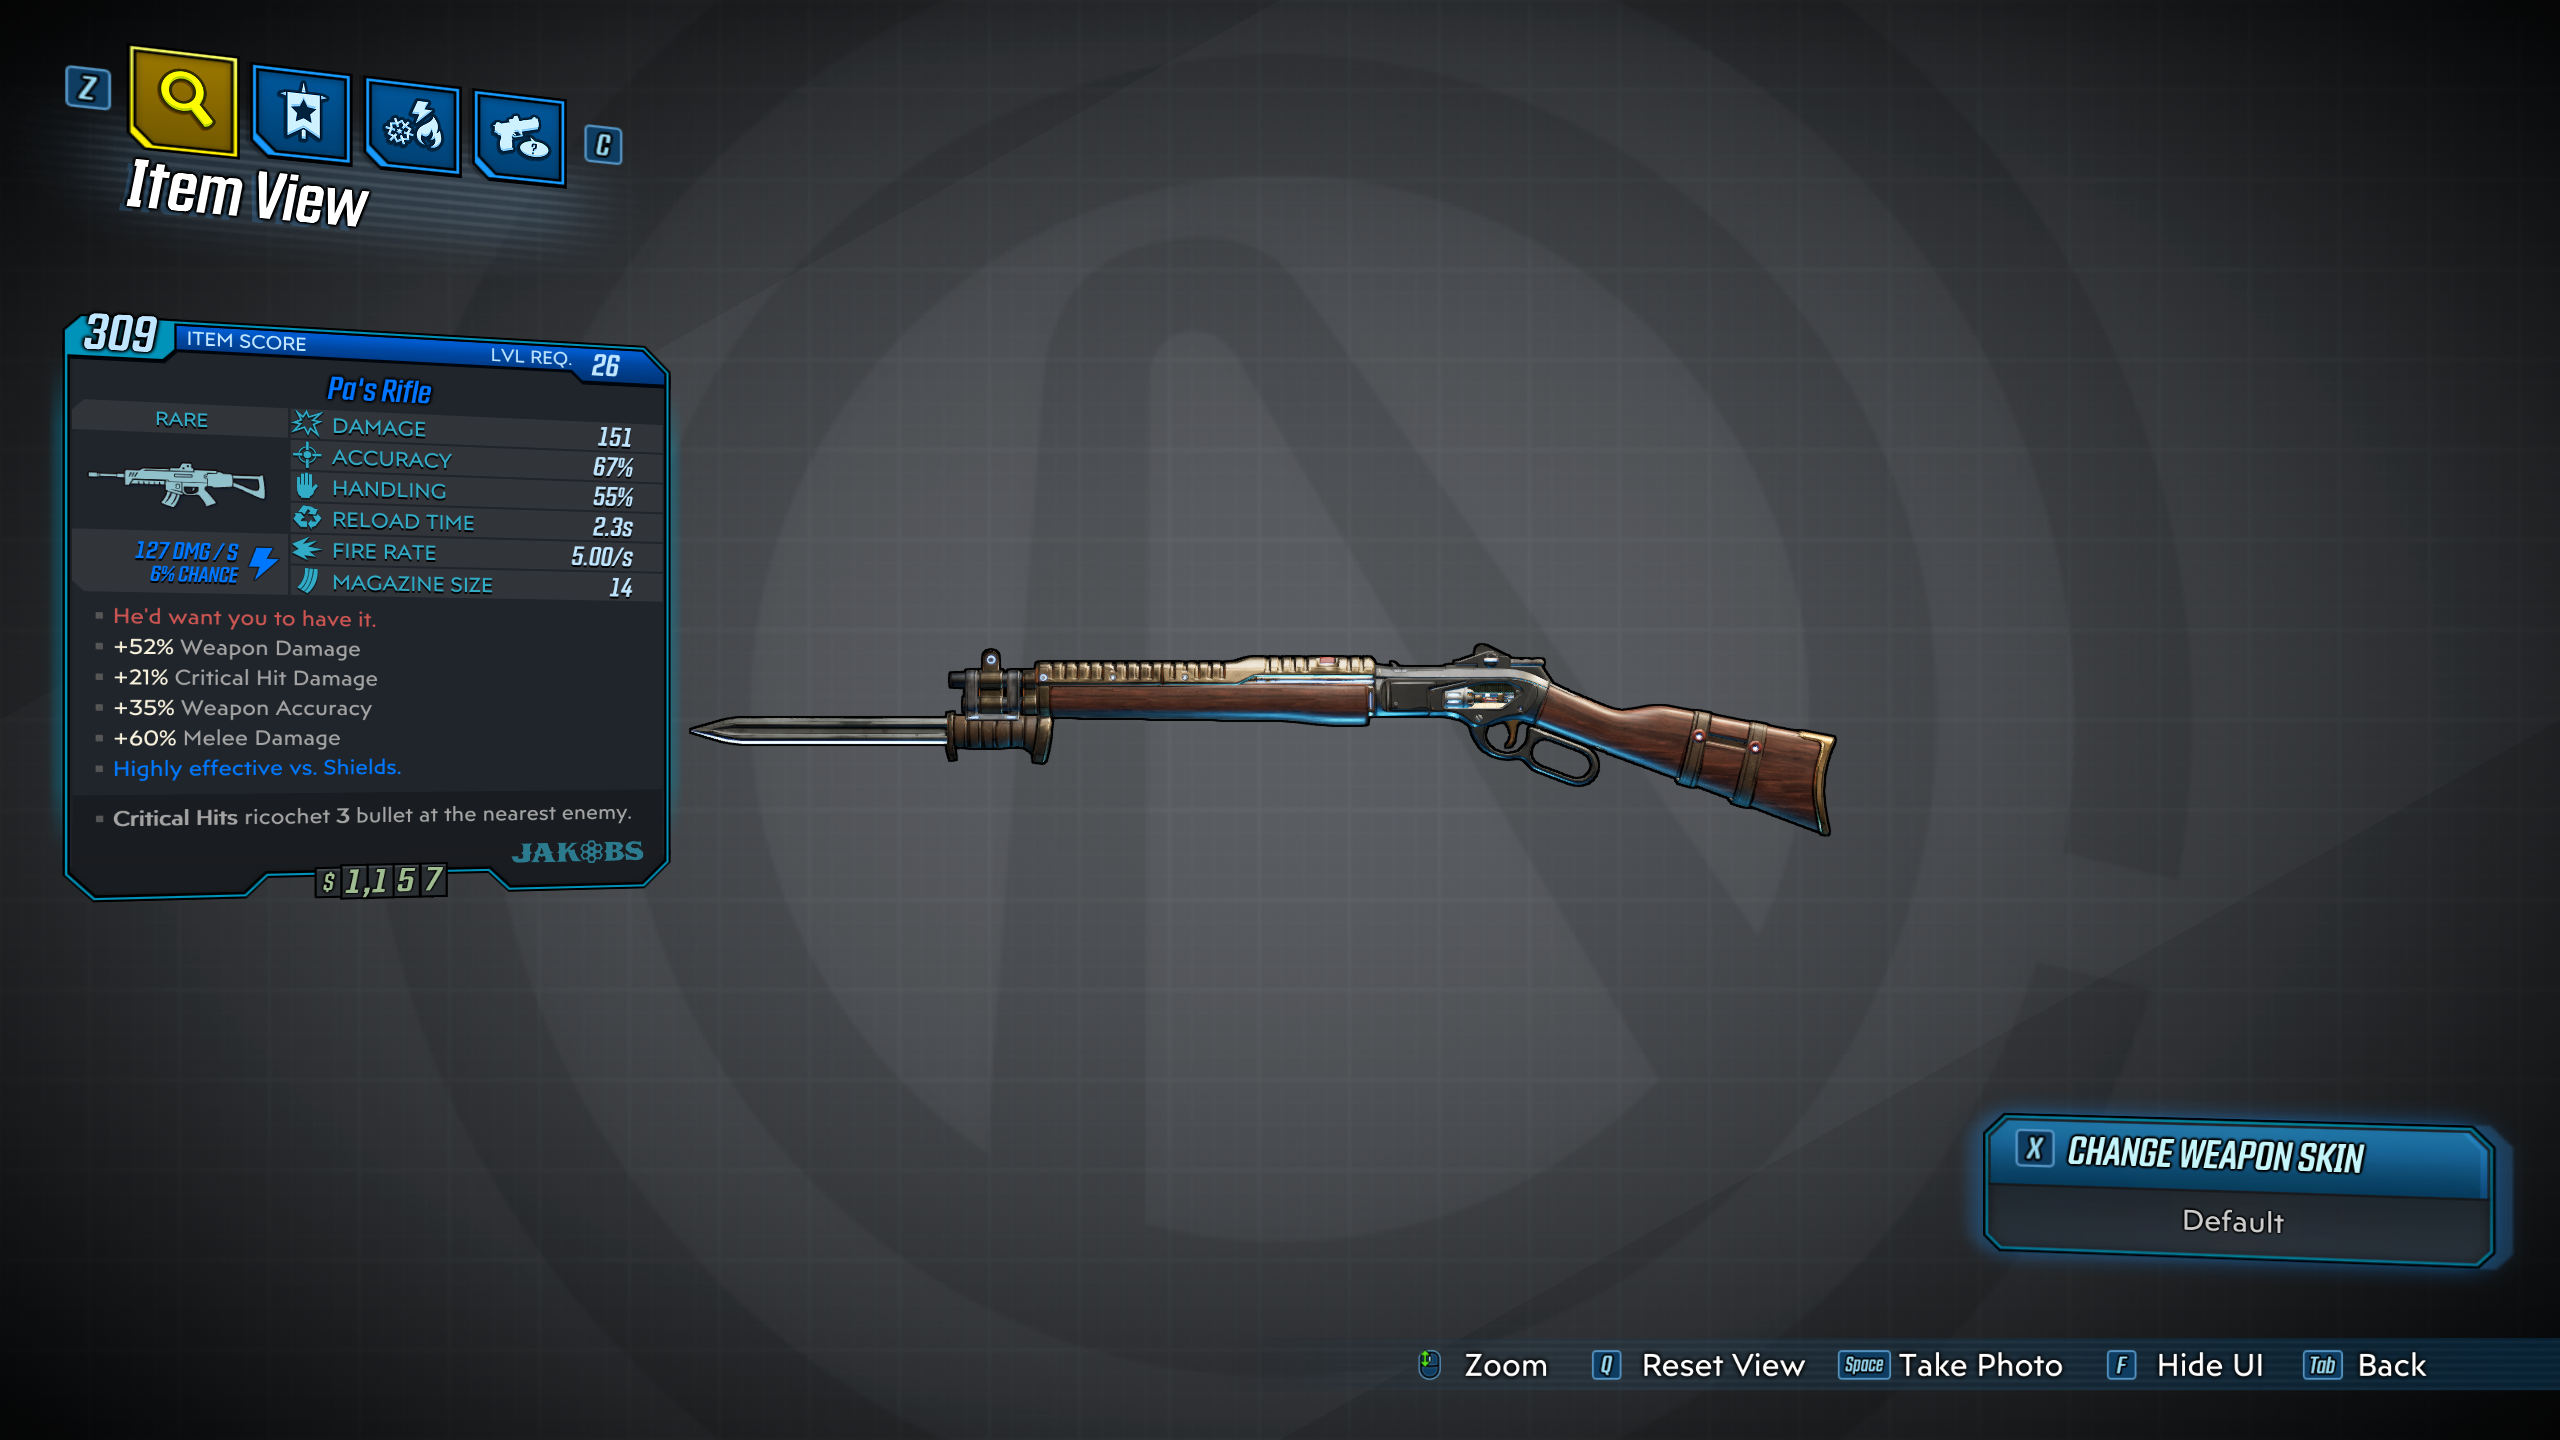 Pa's Rifle